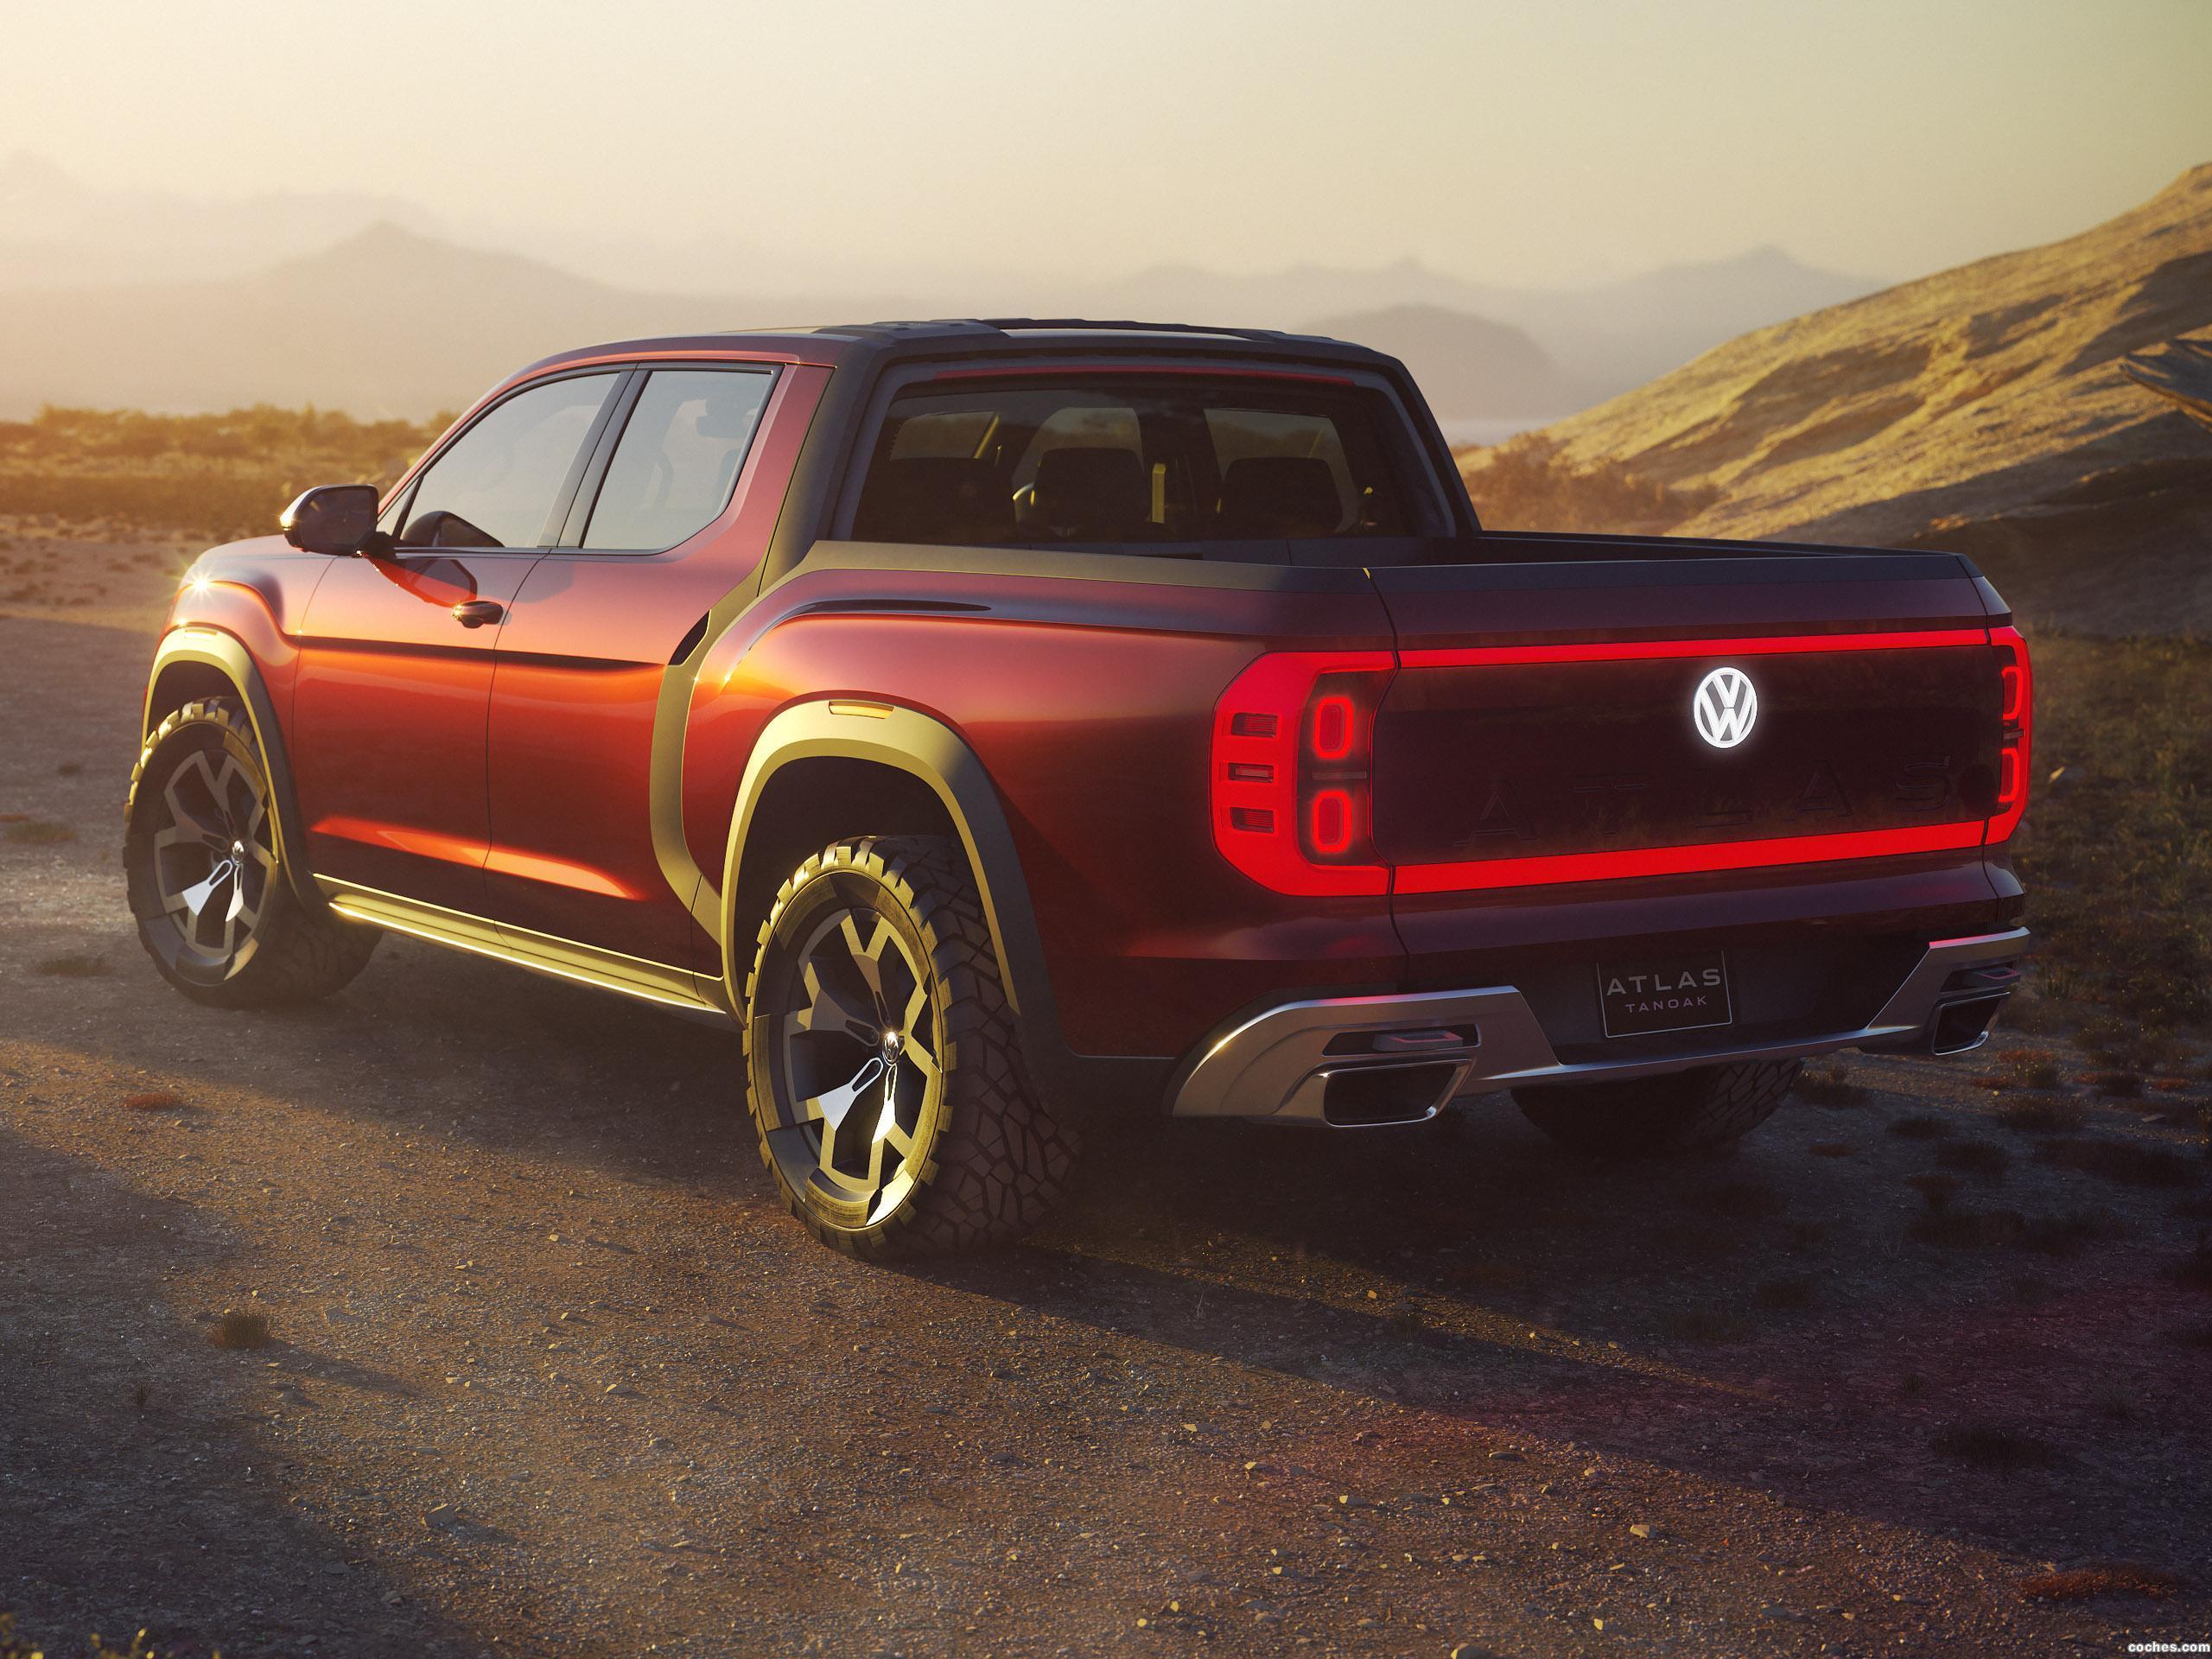 Foto 1 de Volkswagen  Atlas Tanoak Pickup Truck Concept  2018